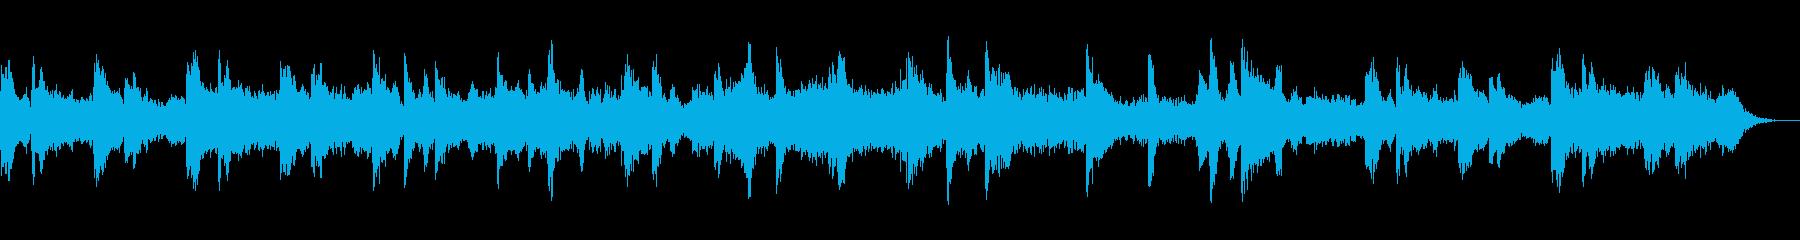 怖い話・怪談用・ホラー用BGMの再生済みの波形